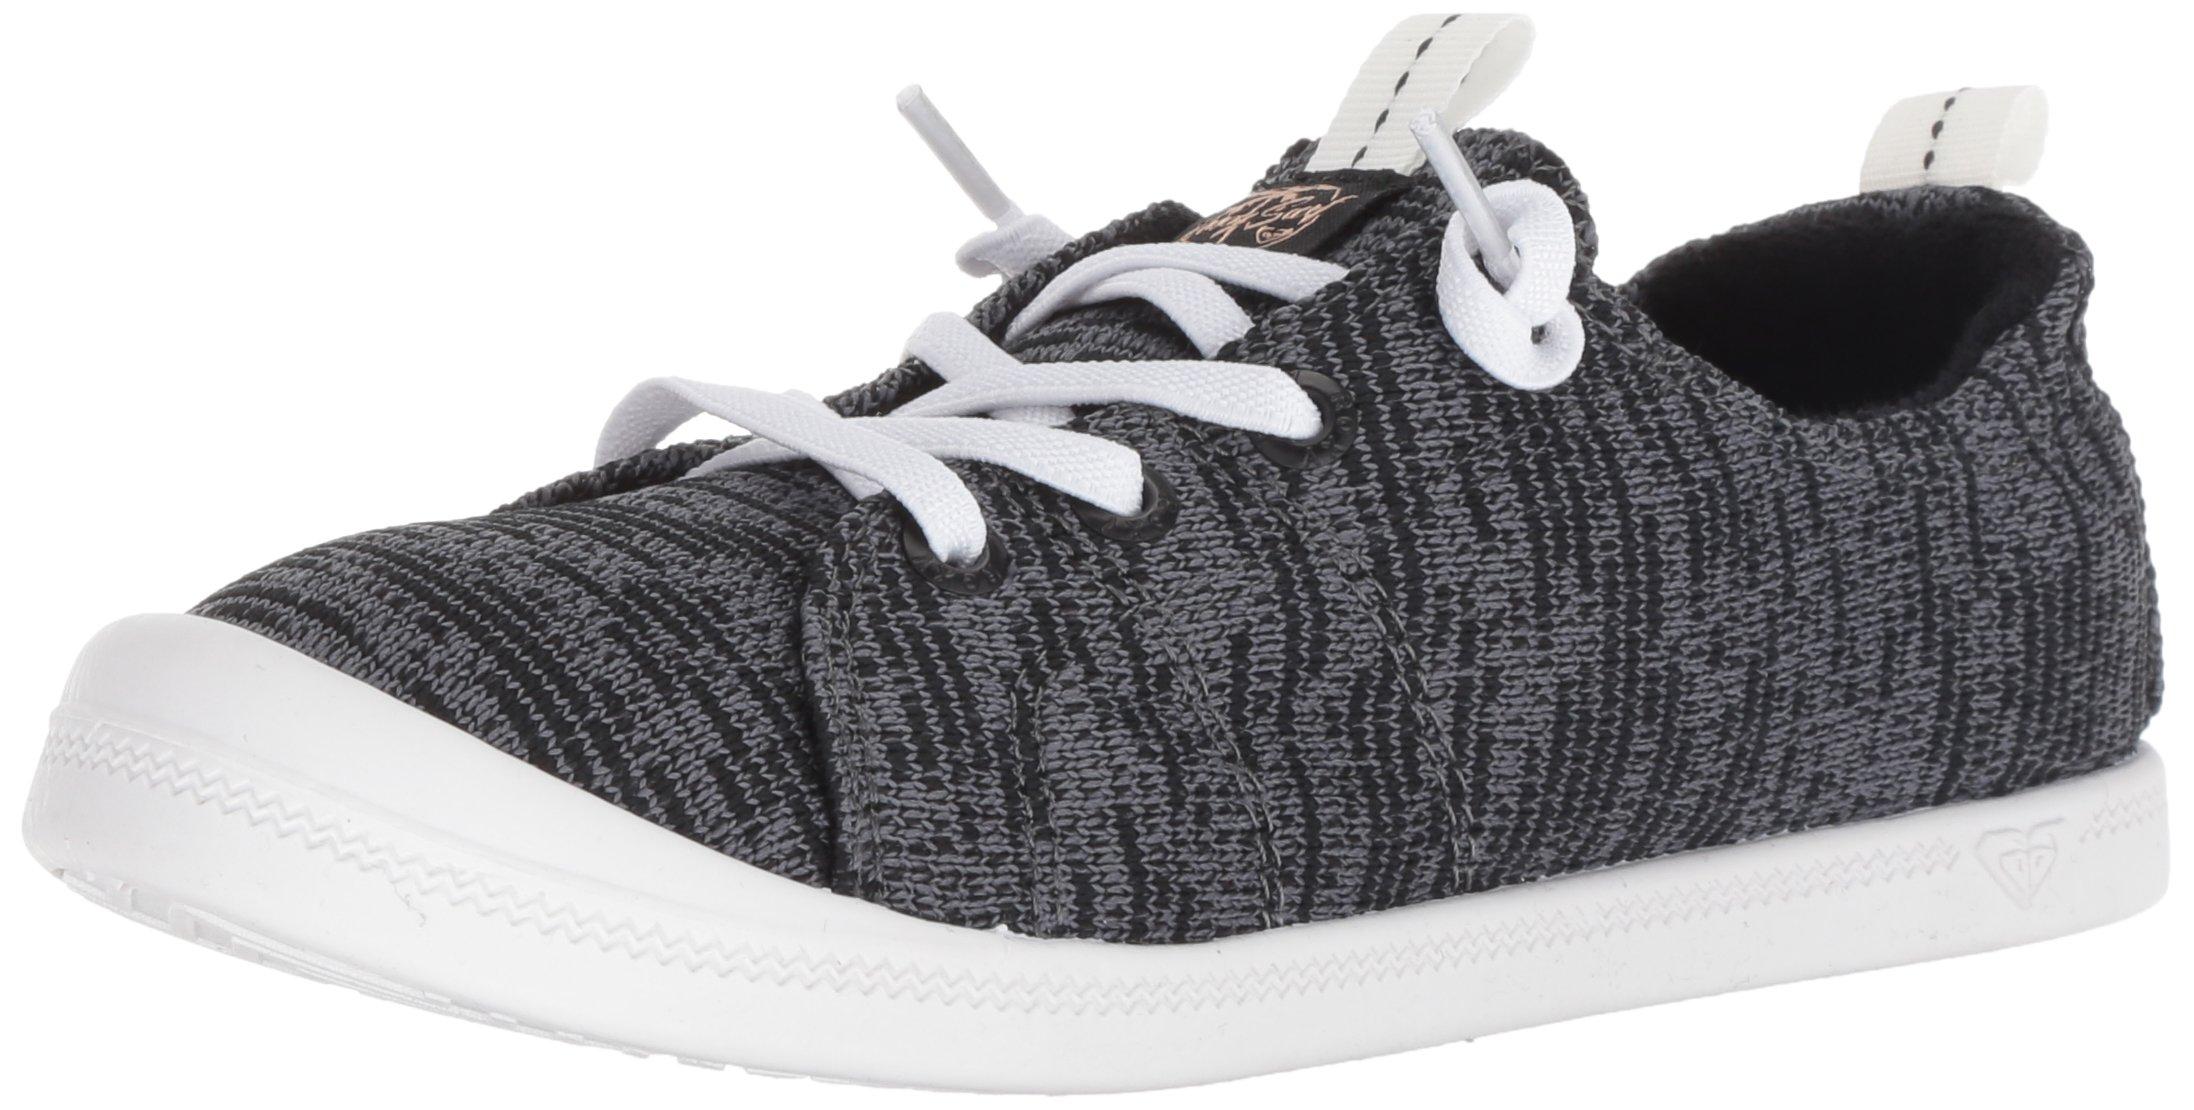 Roxy Women's Bayshore Sport Slip on Shoe Fashion Sneaker, Black, 8.5 M US